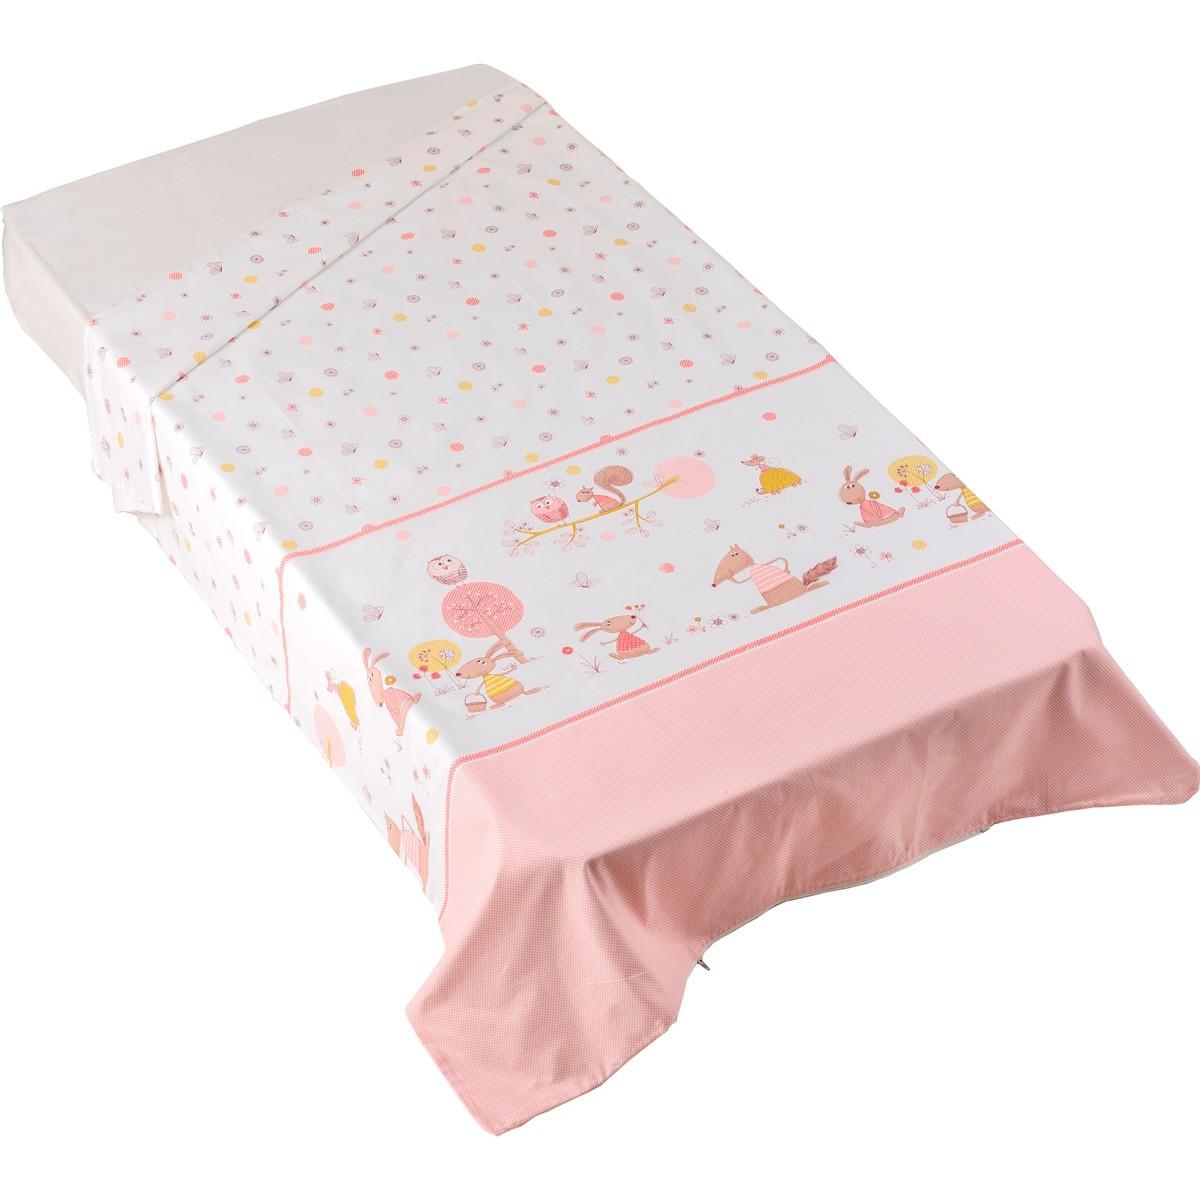 Παπλωματοθήκη Κούνιας Κόσμος Του Μωρού Countryside 0679 Ροζ